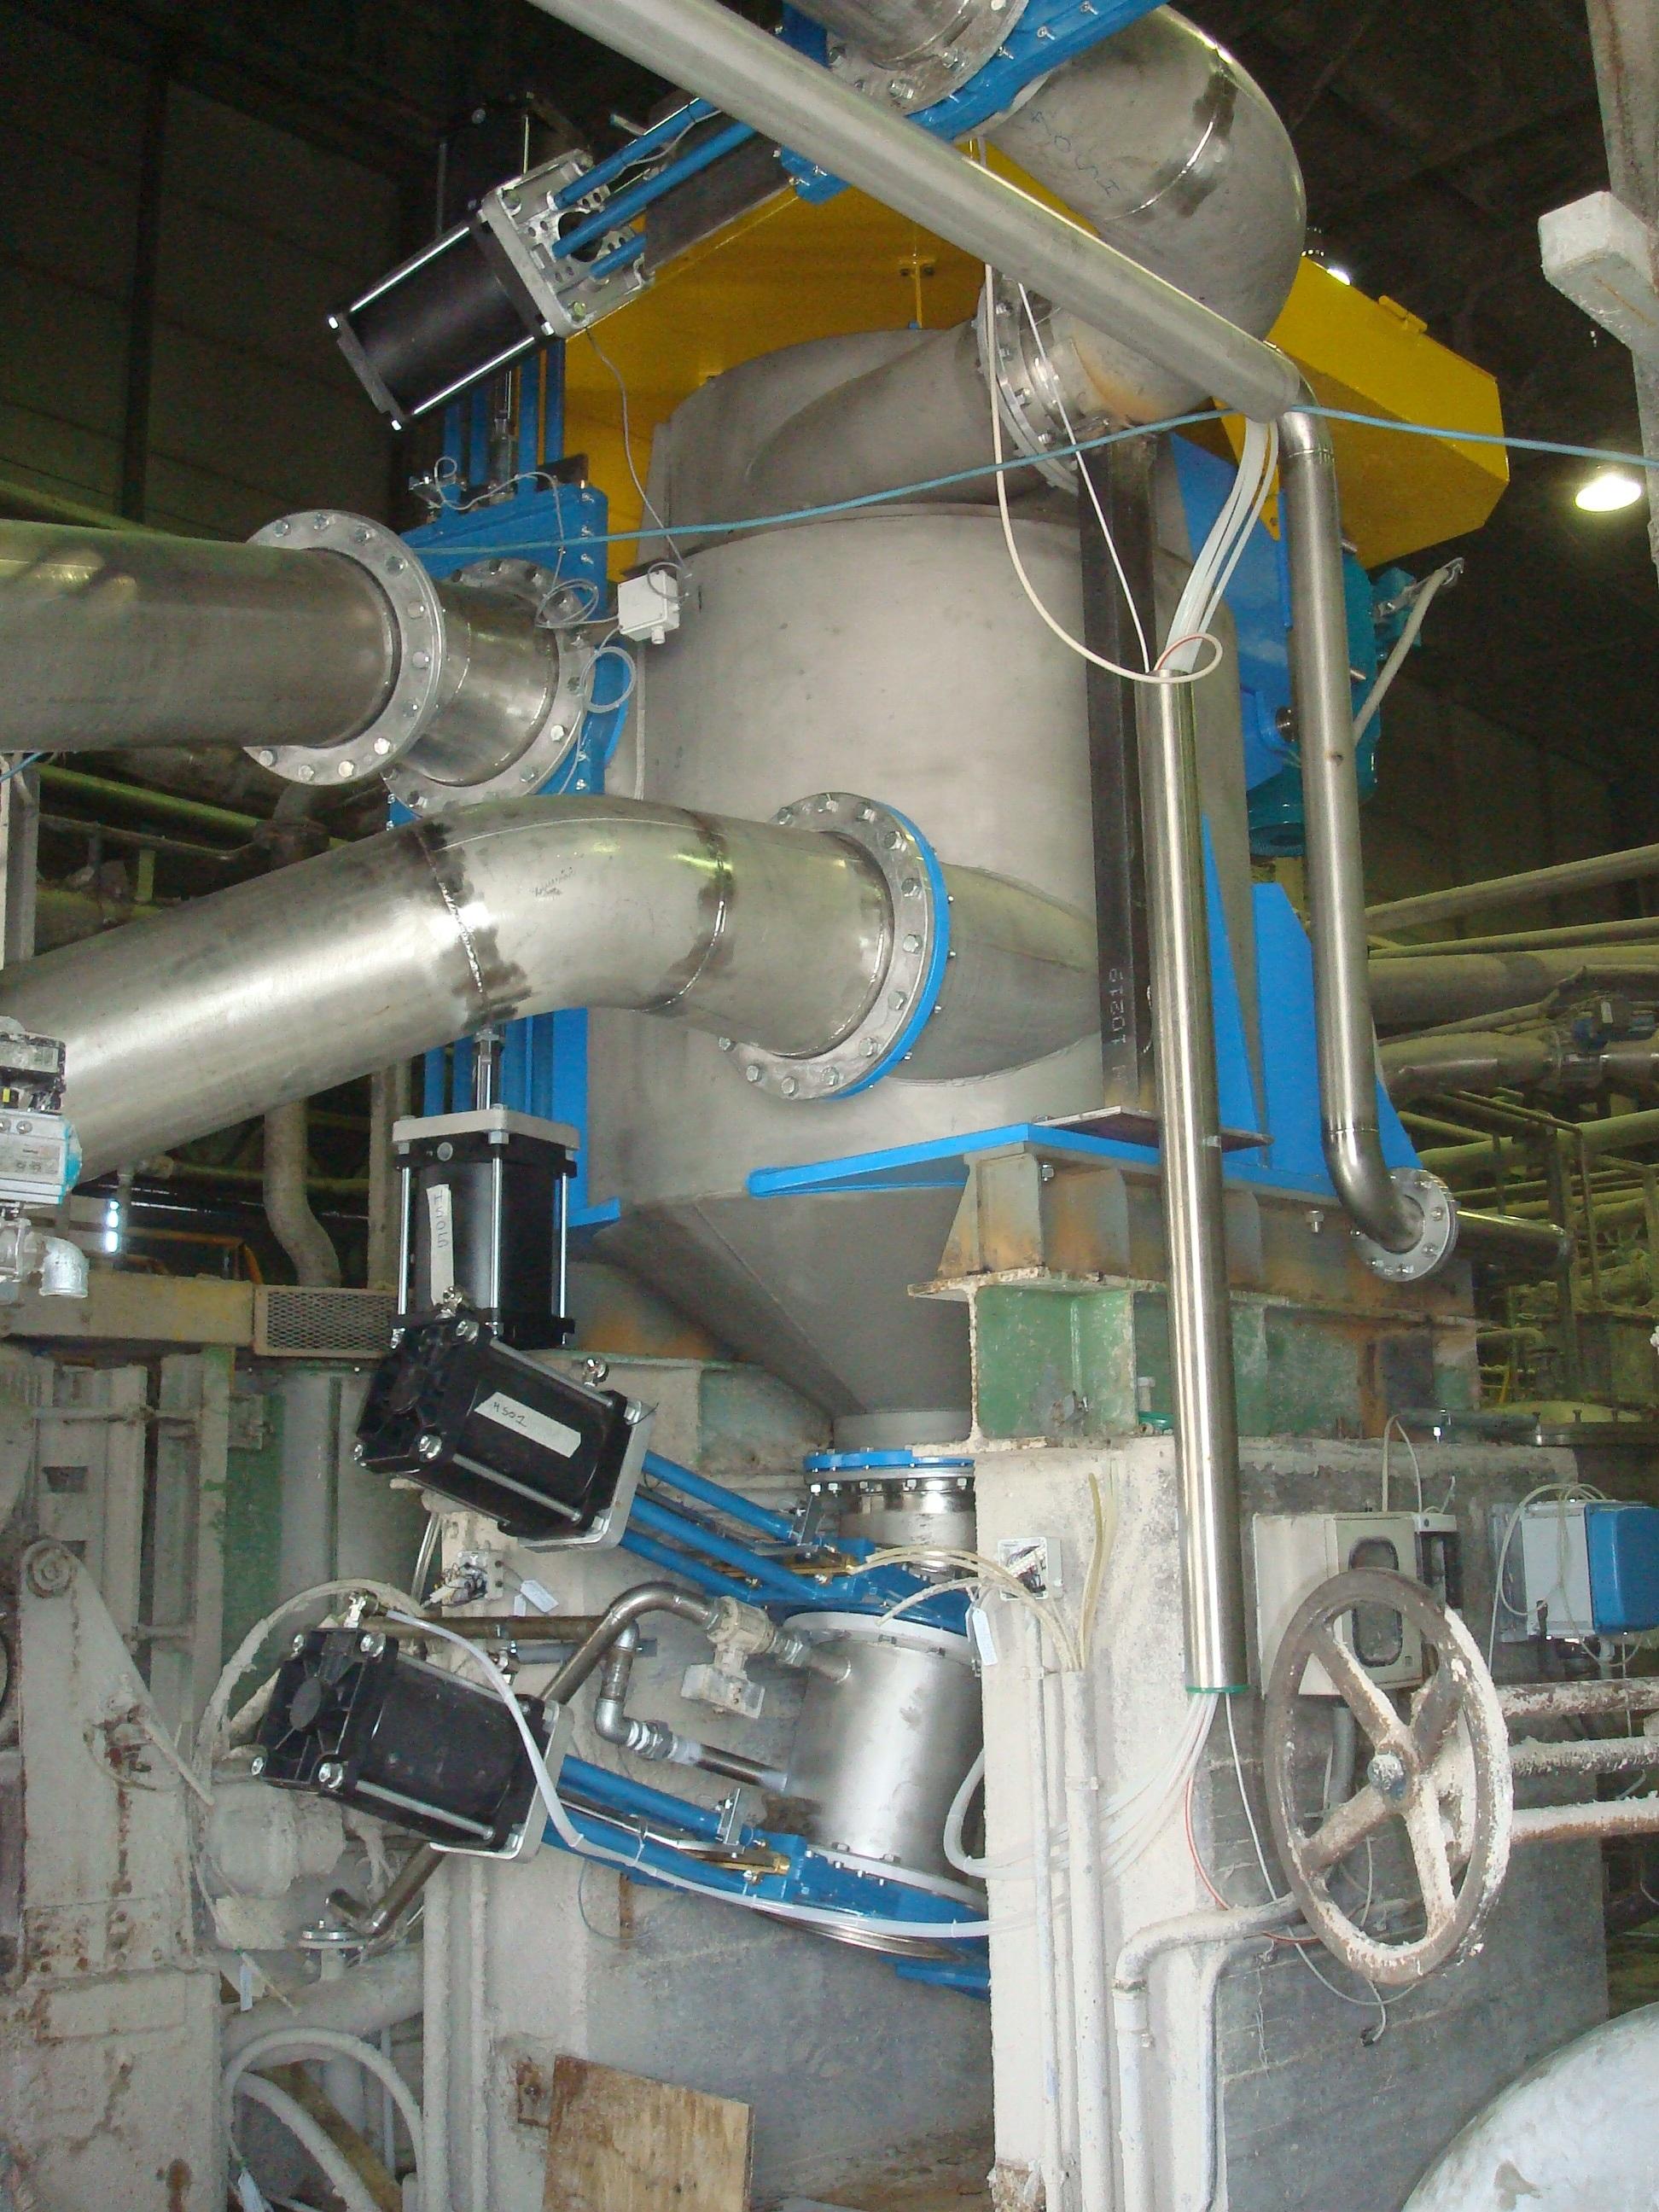 Macchinario industriale e tubature per produzione della carta (1)